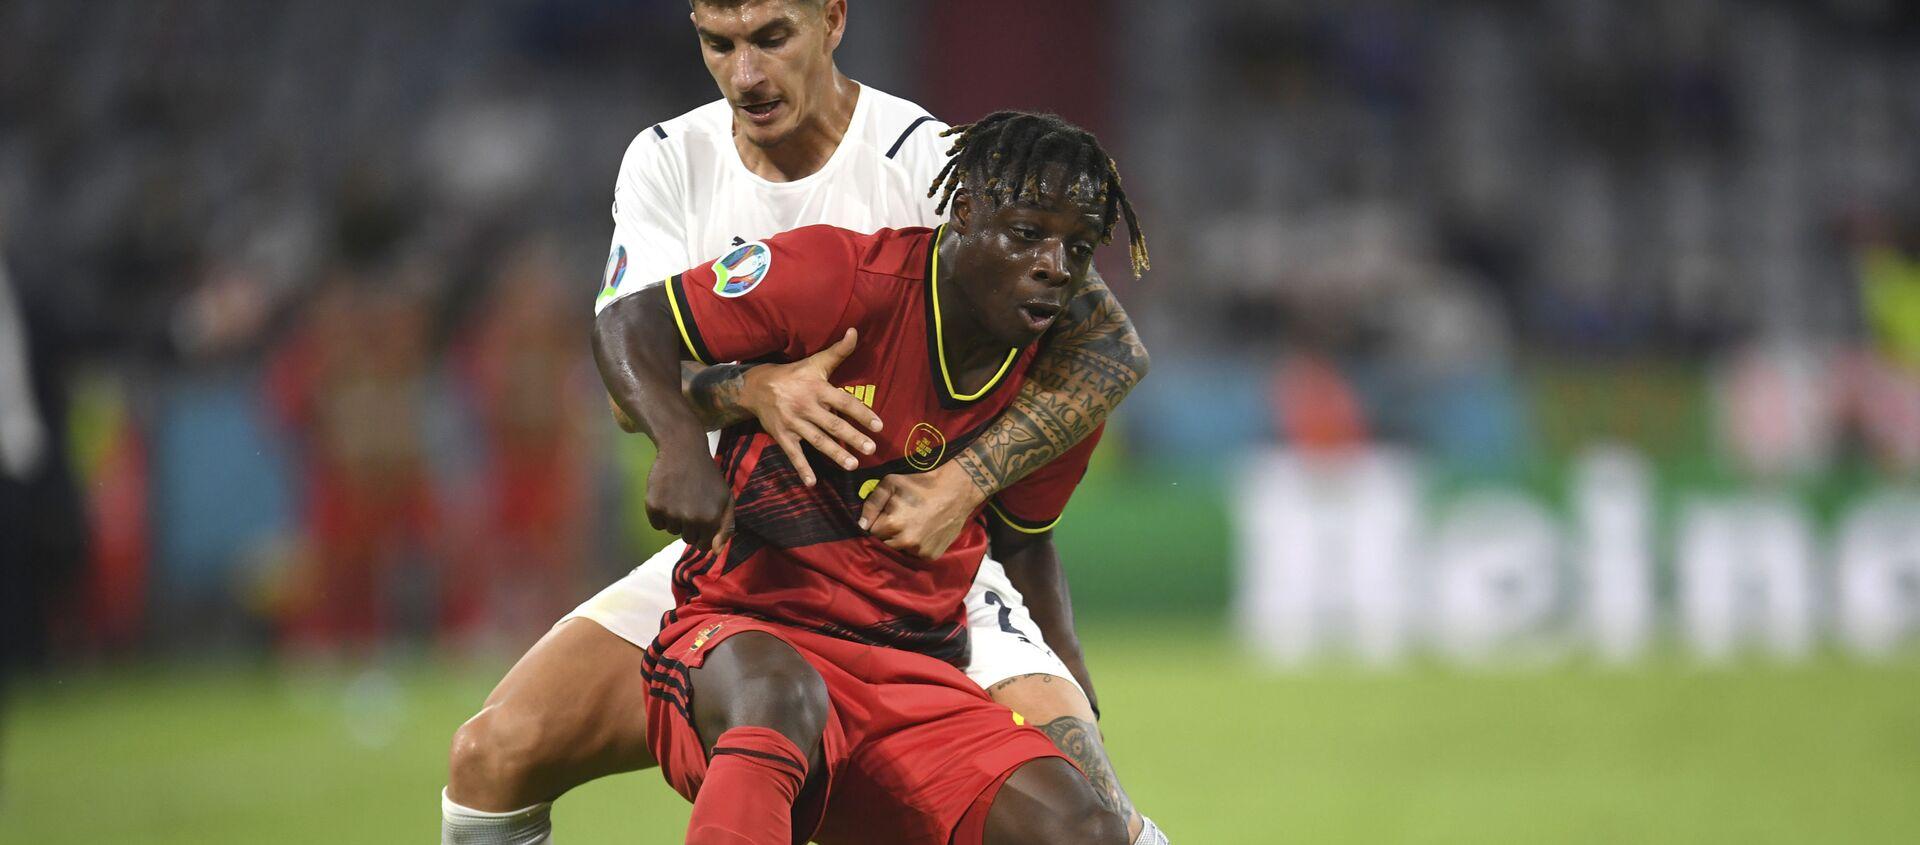 Trận đấu giữa đội tuyển quốc gia Bỉ và Ý tại Euro 2020 - Sputnik Việt Nam, 1920, 03.07.2021